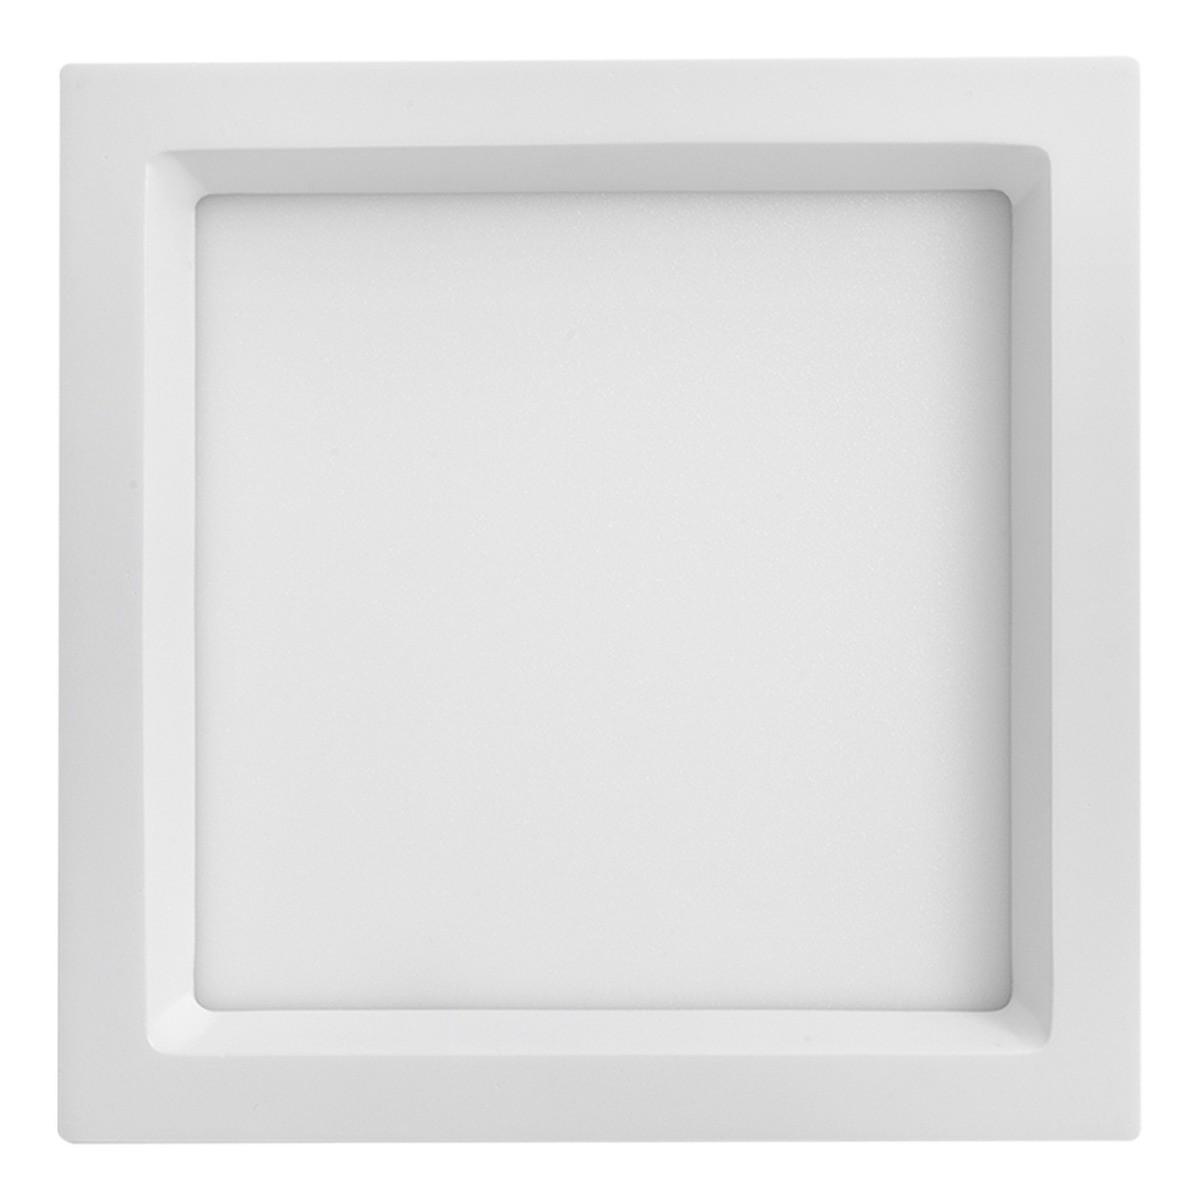 Painel Led Embutir Recuado 22w Quadrado 3000k Branco